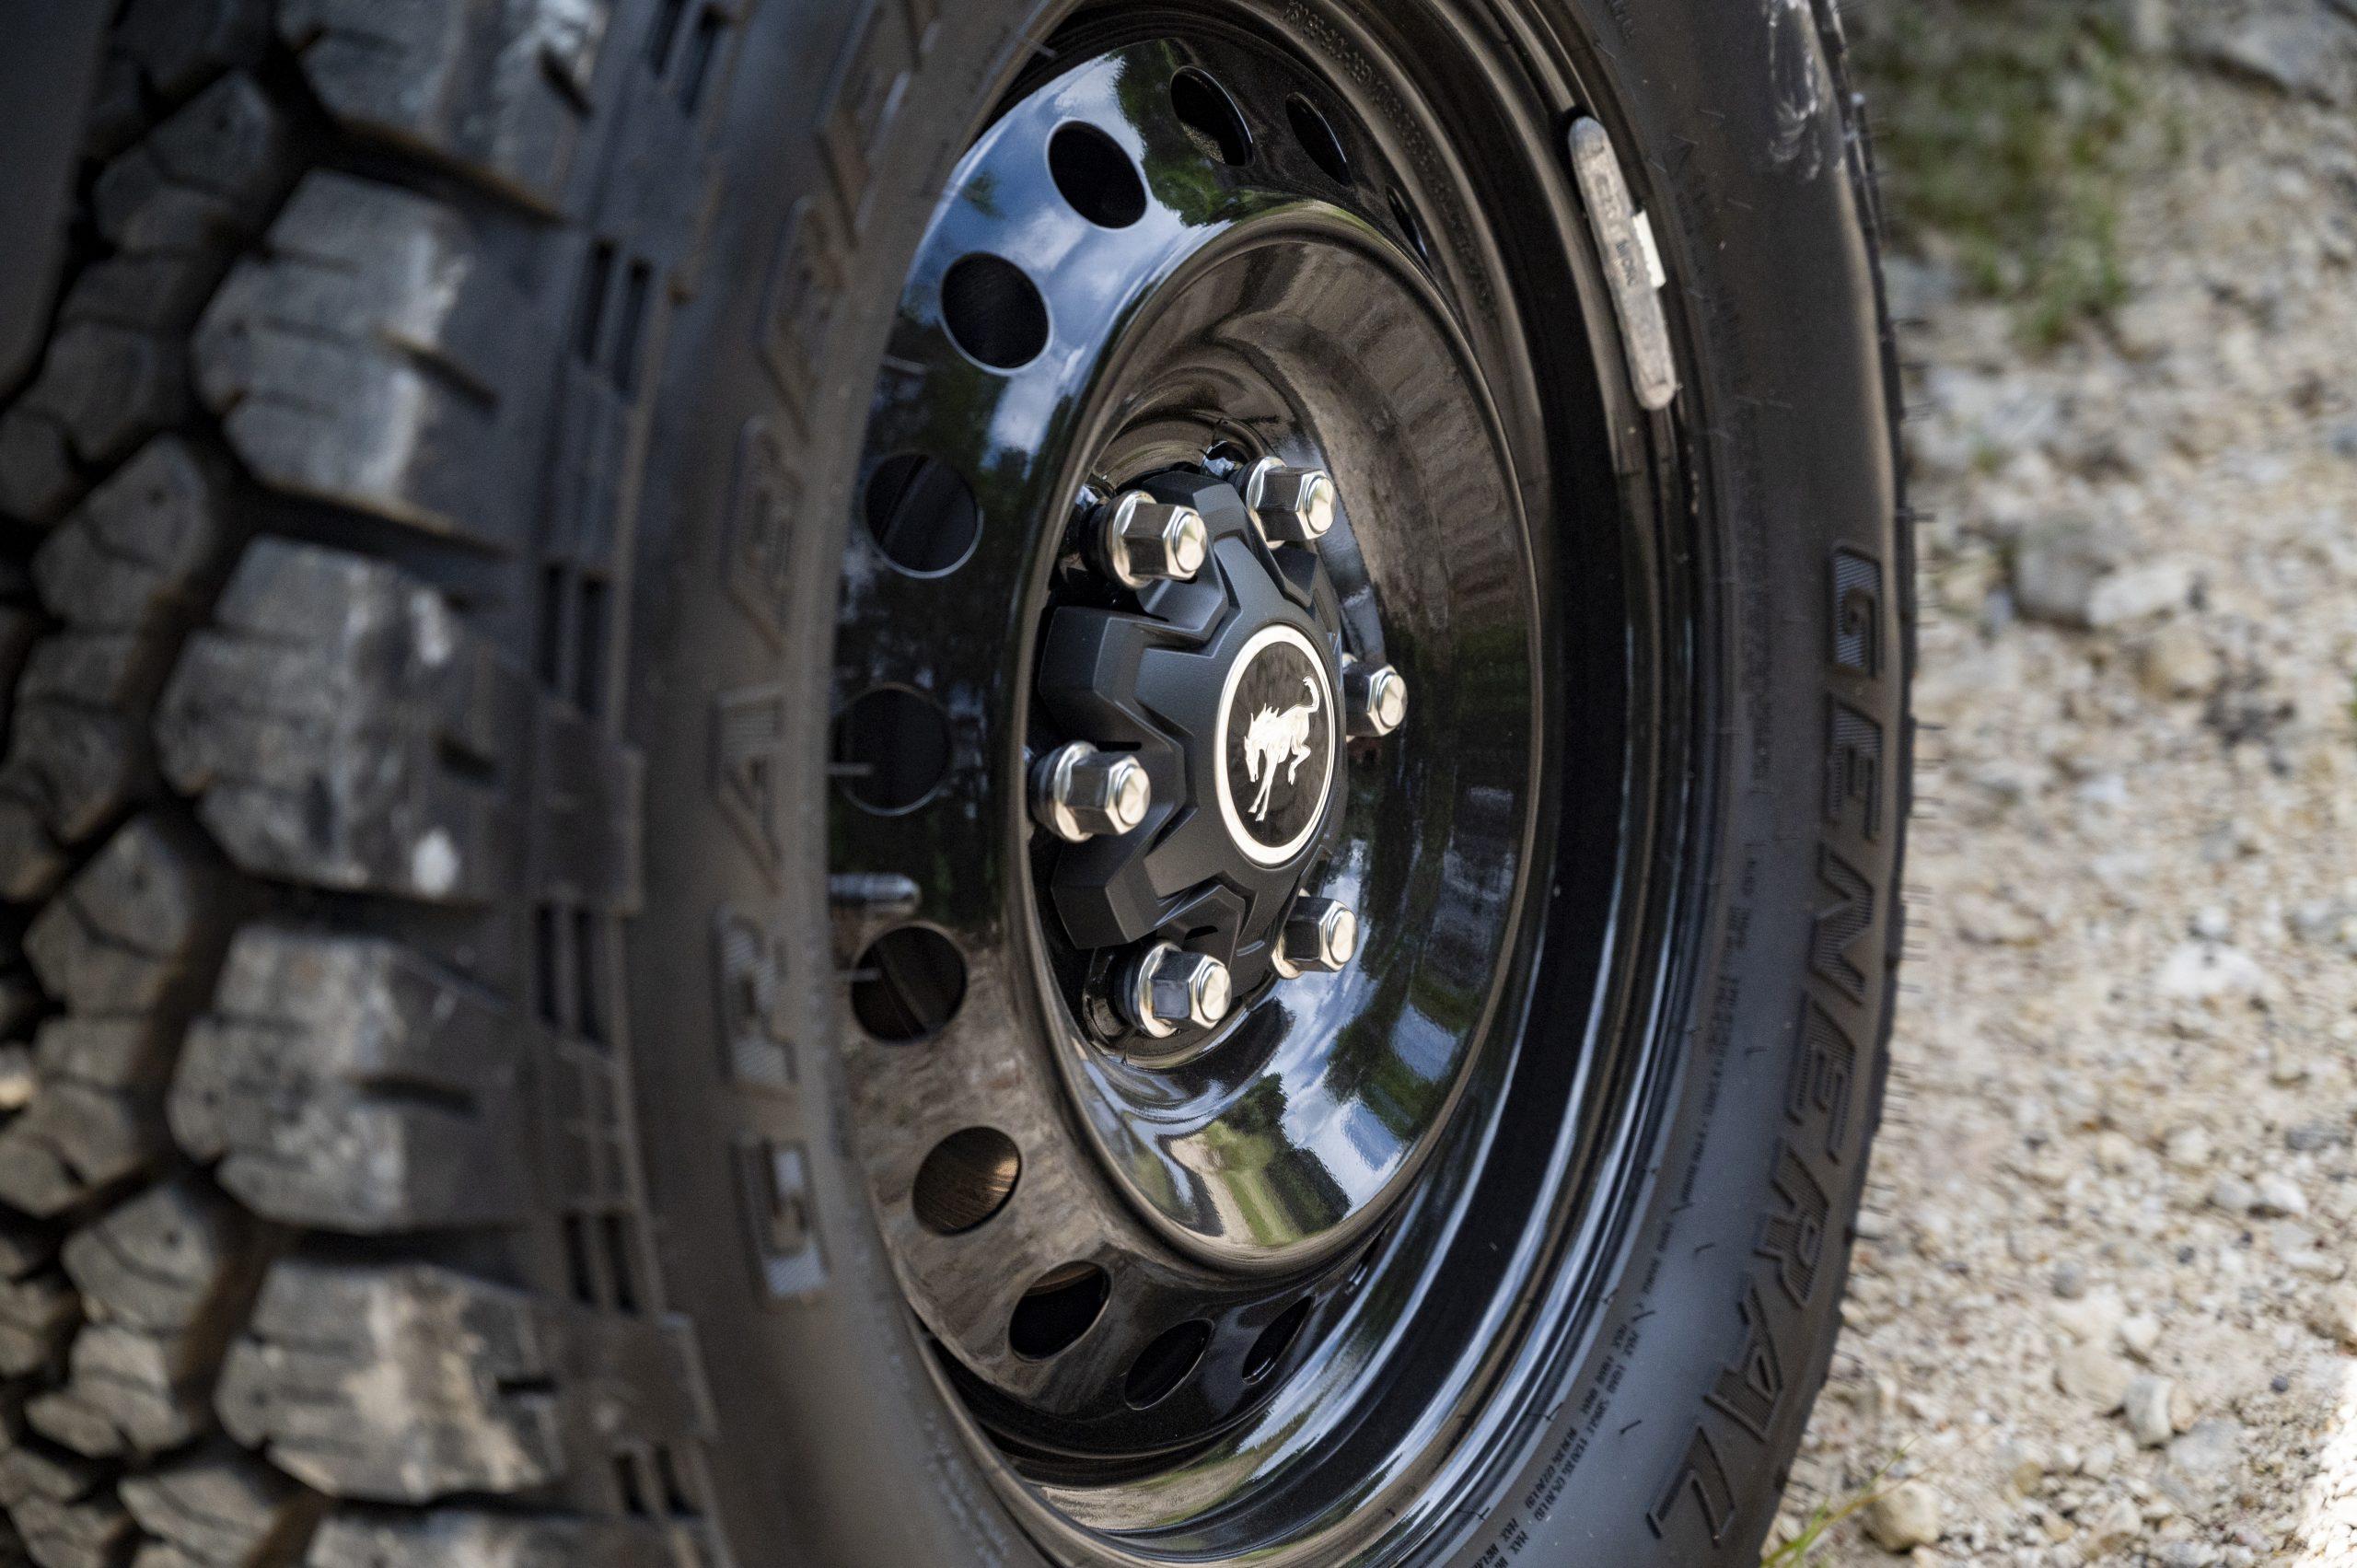 2021 Ford Bronco wheel hub detail